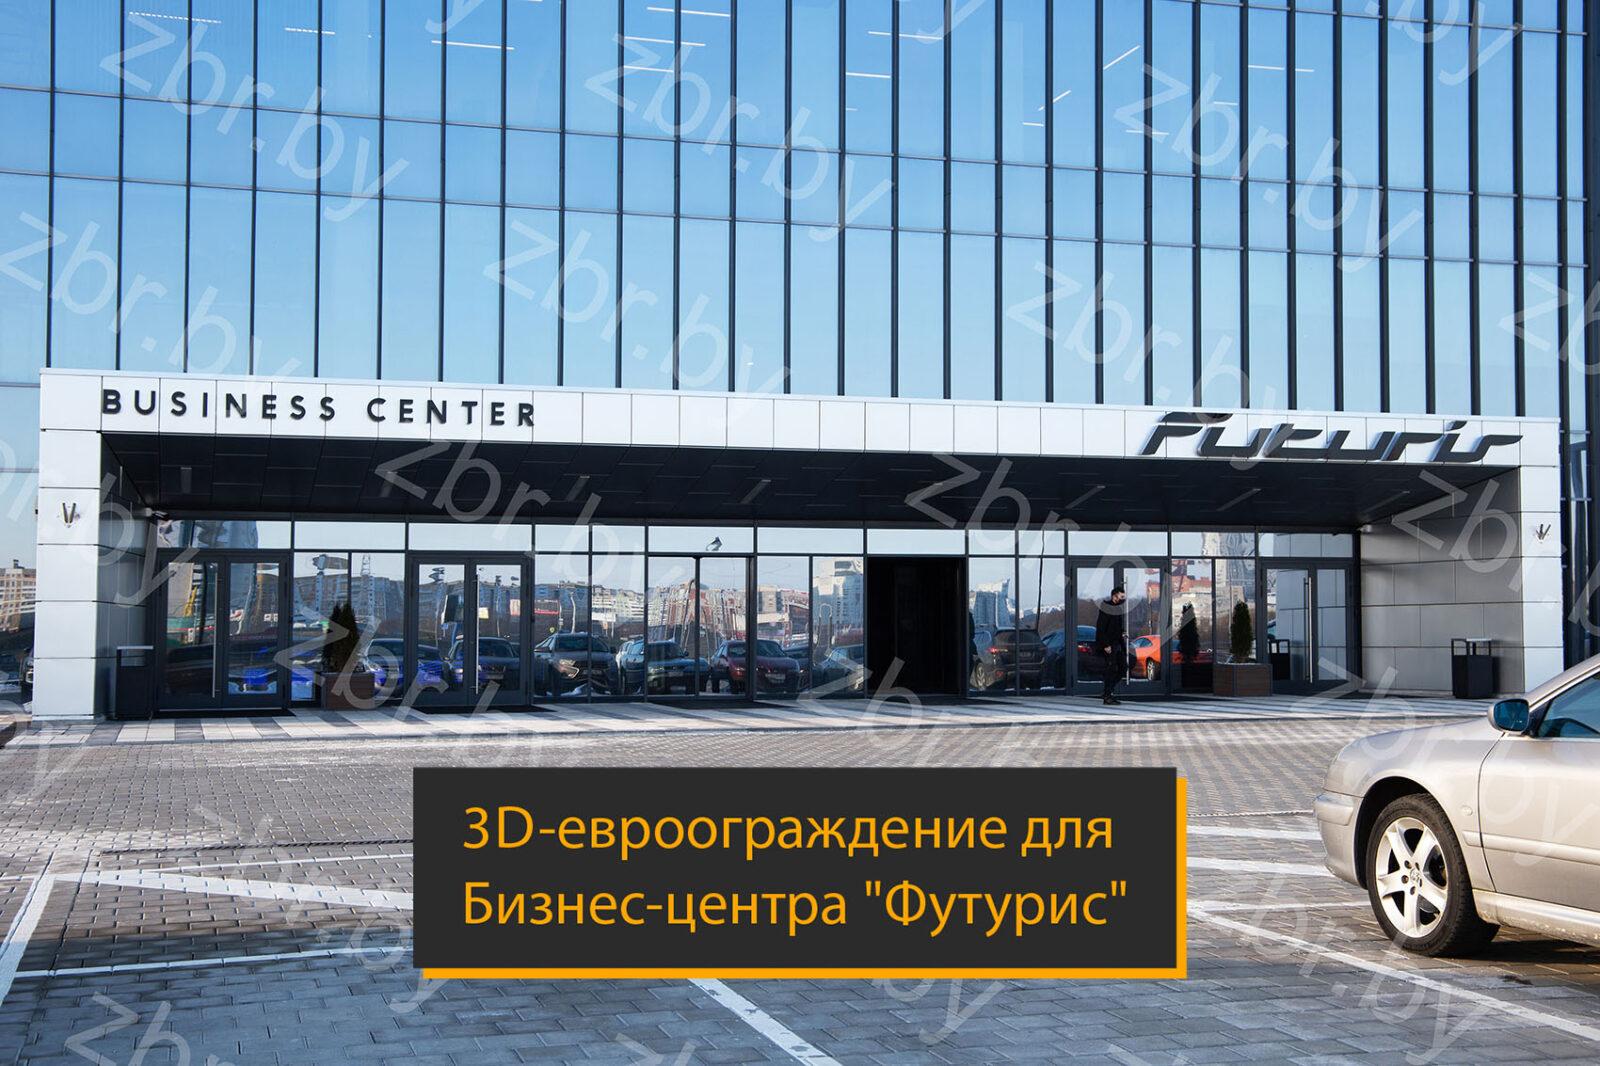 бизнес центр футурис